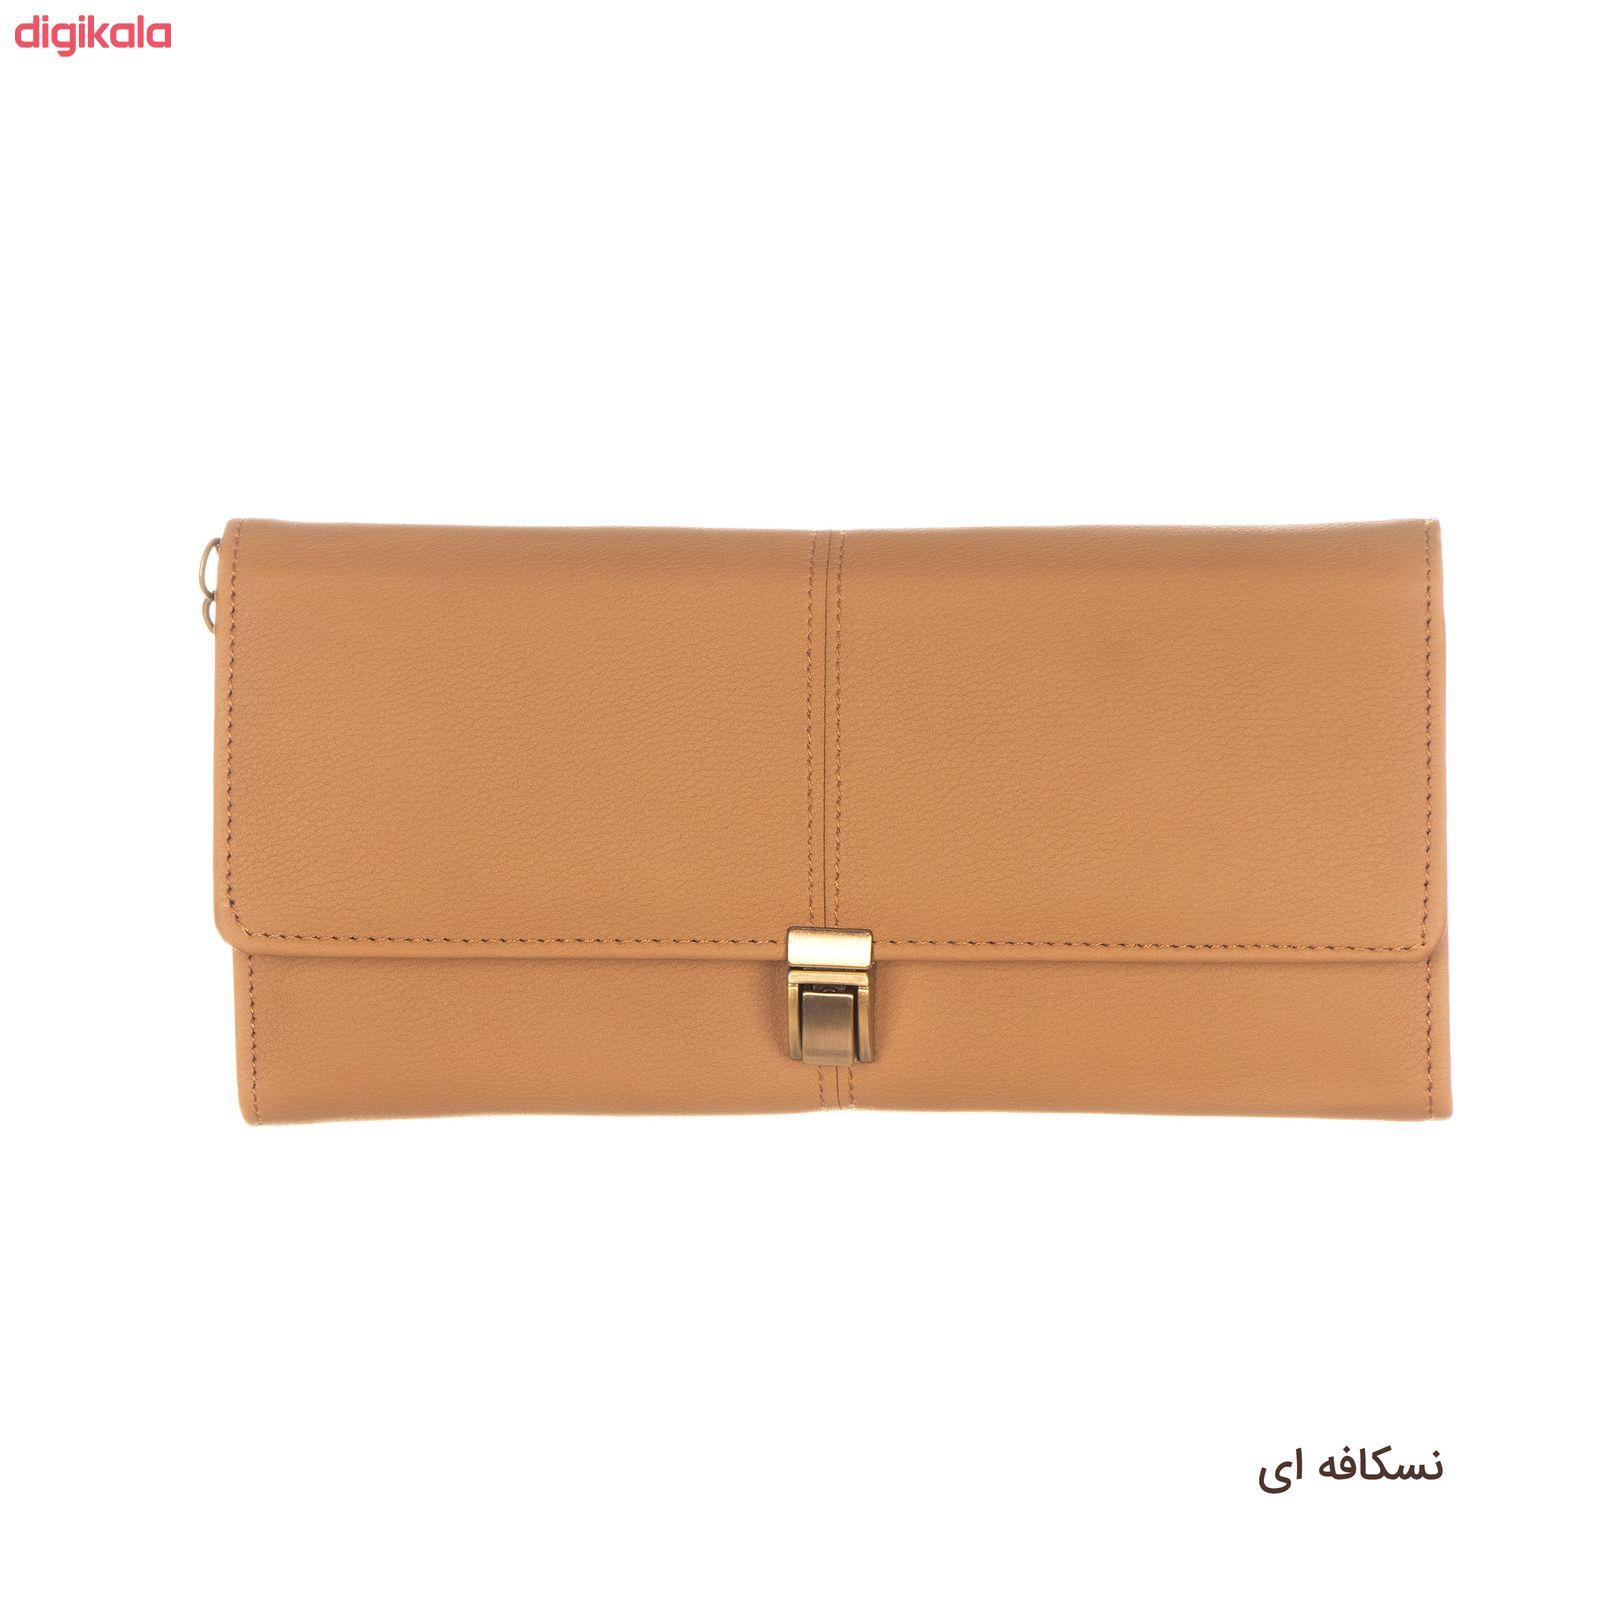 کیف دستی مدل mb0037 main 1 10